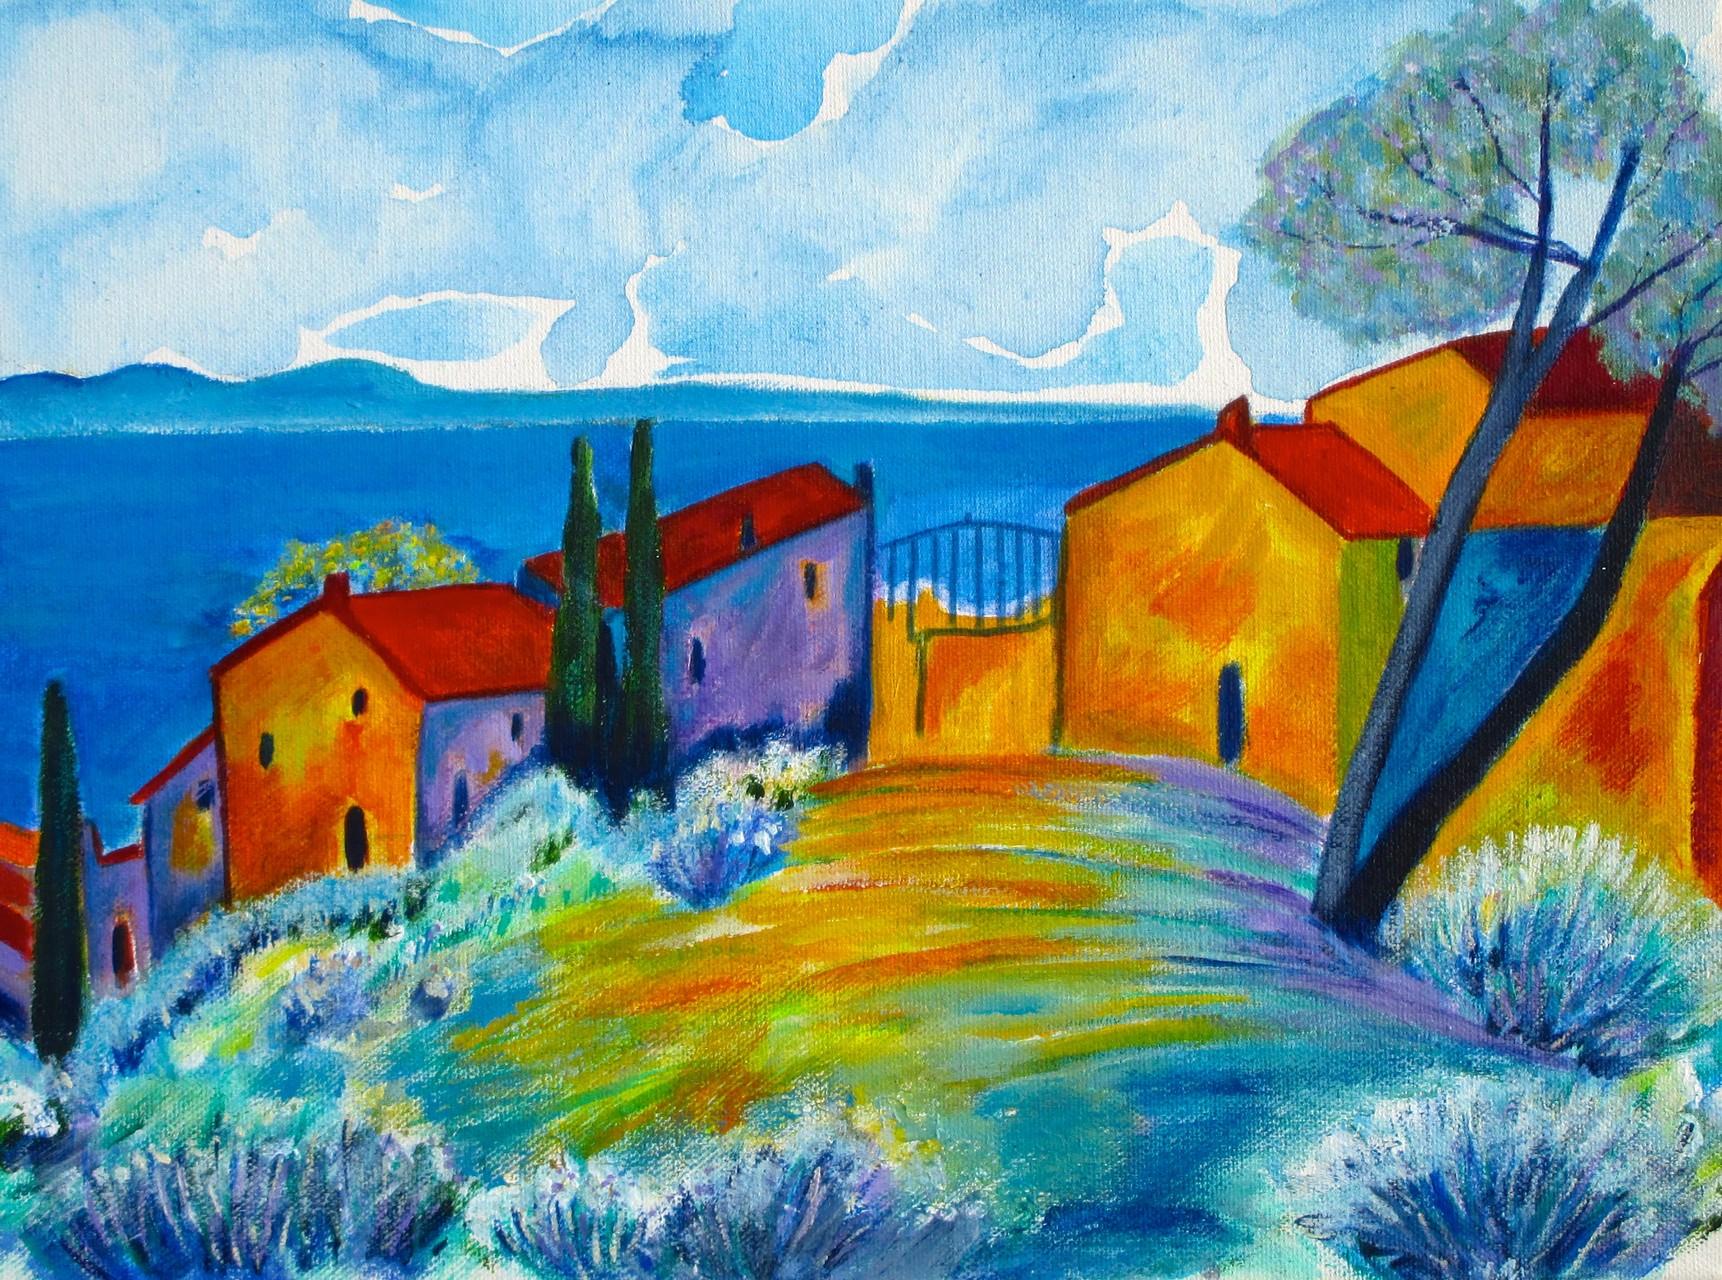 Liguria, acrylic on canvas, 16 x 12, 2015